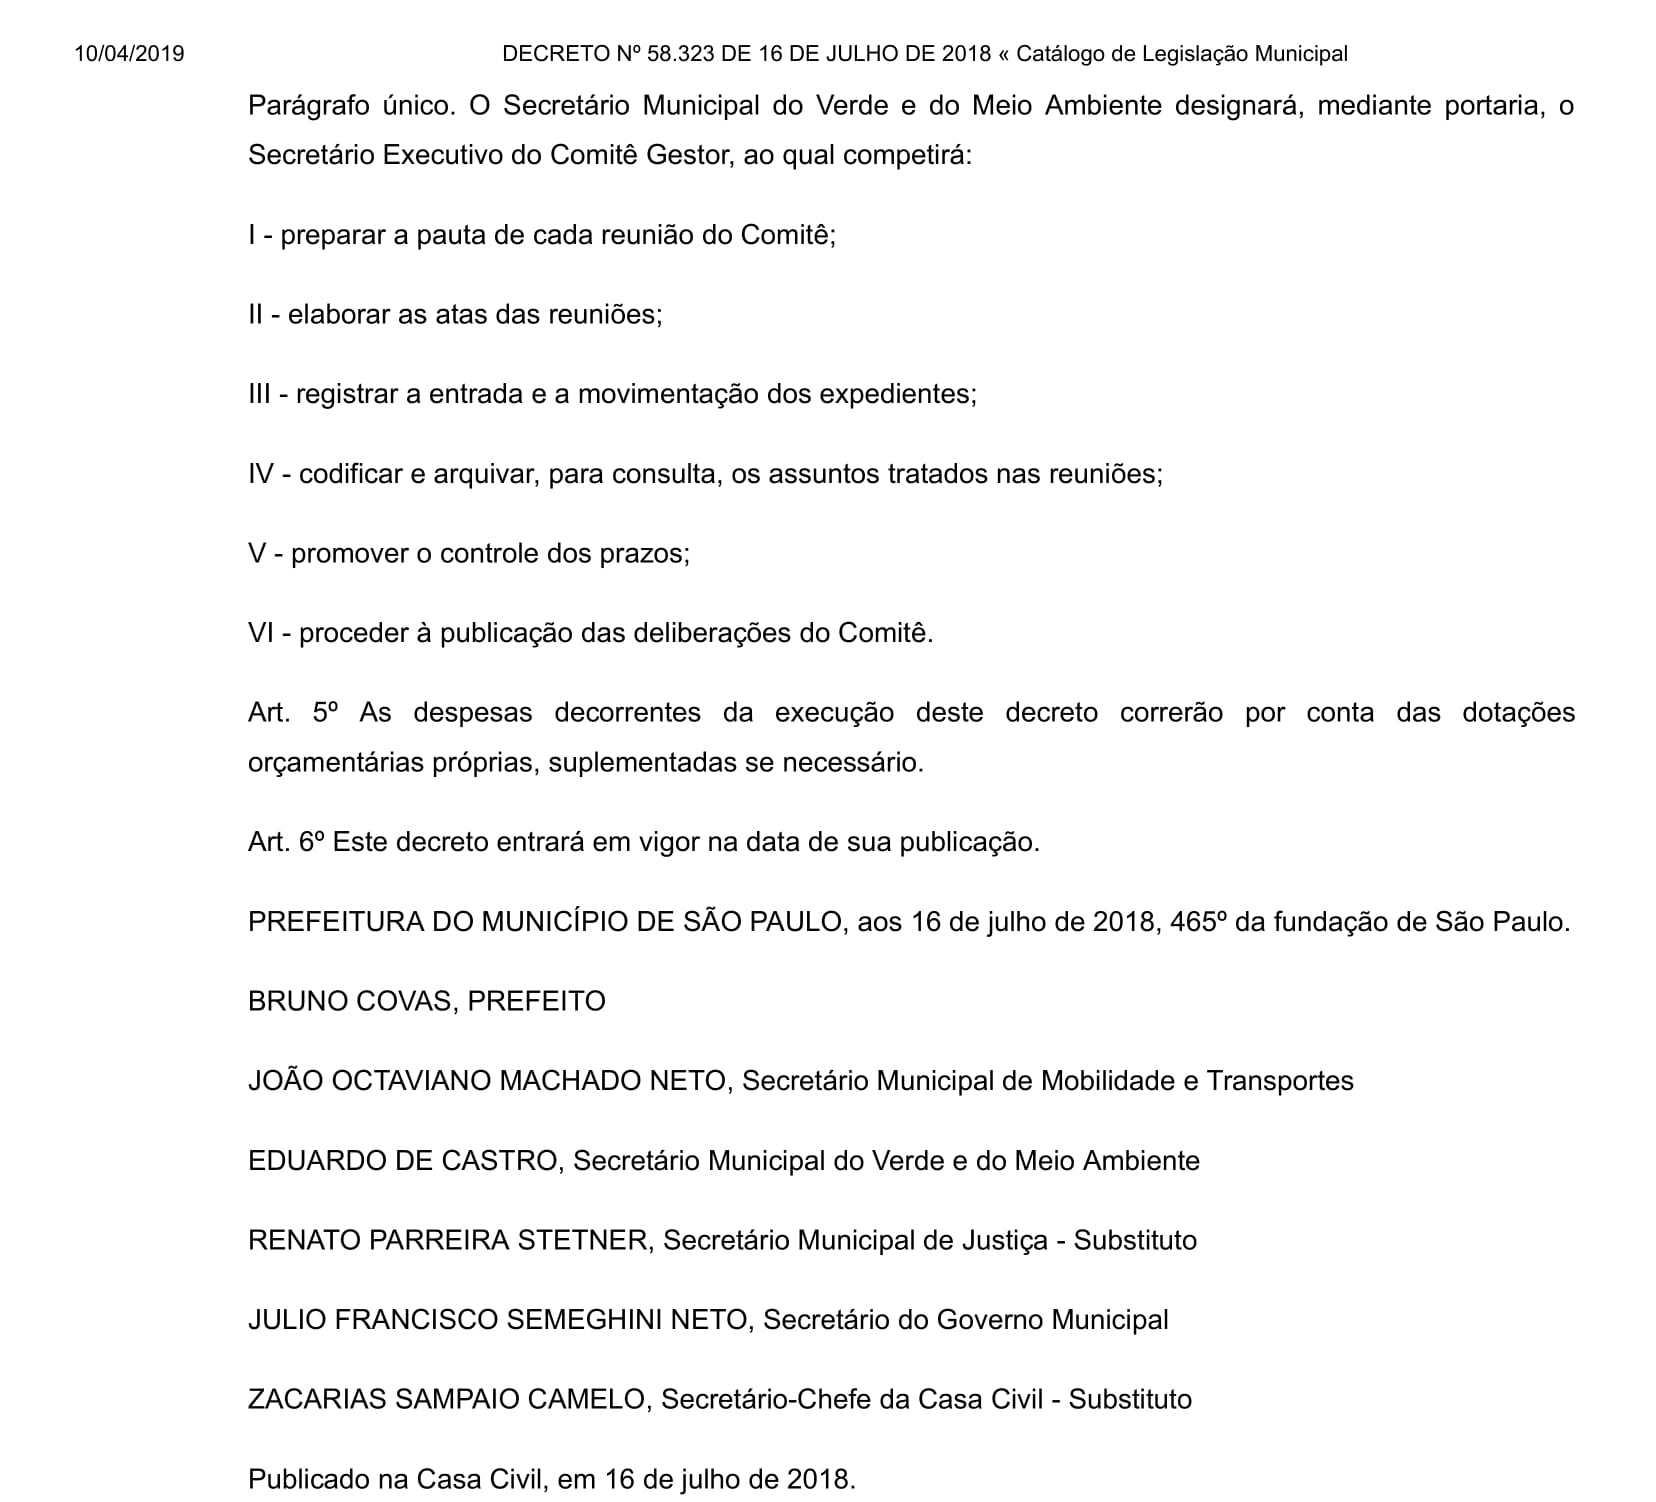 DECRETO-Nº-58.323-DE-16-DE-JULHO-DE-2018-«-Catálogo-de-Legislação-Municipal-4-1.jpg